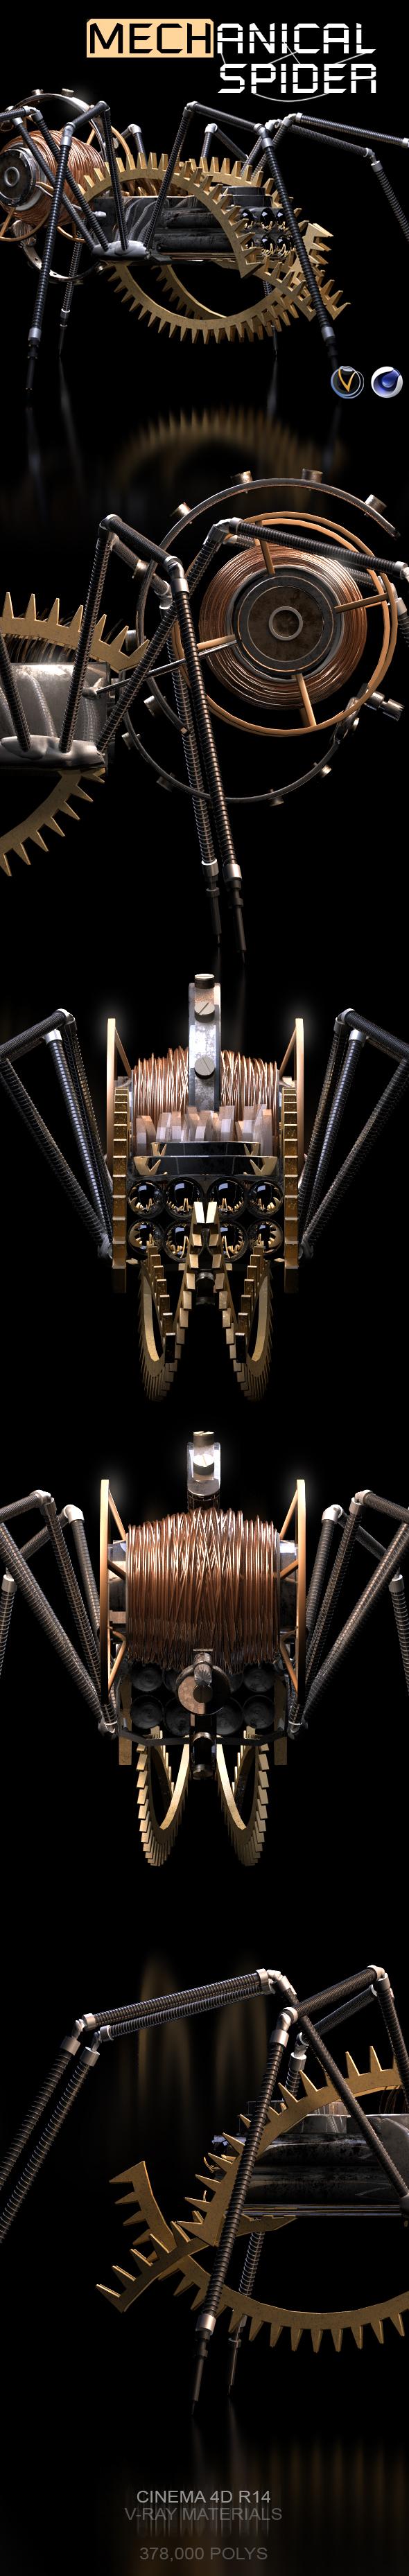 Mechanical Spider 3D Model - 3DOcean Item for Sale